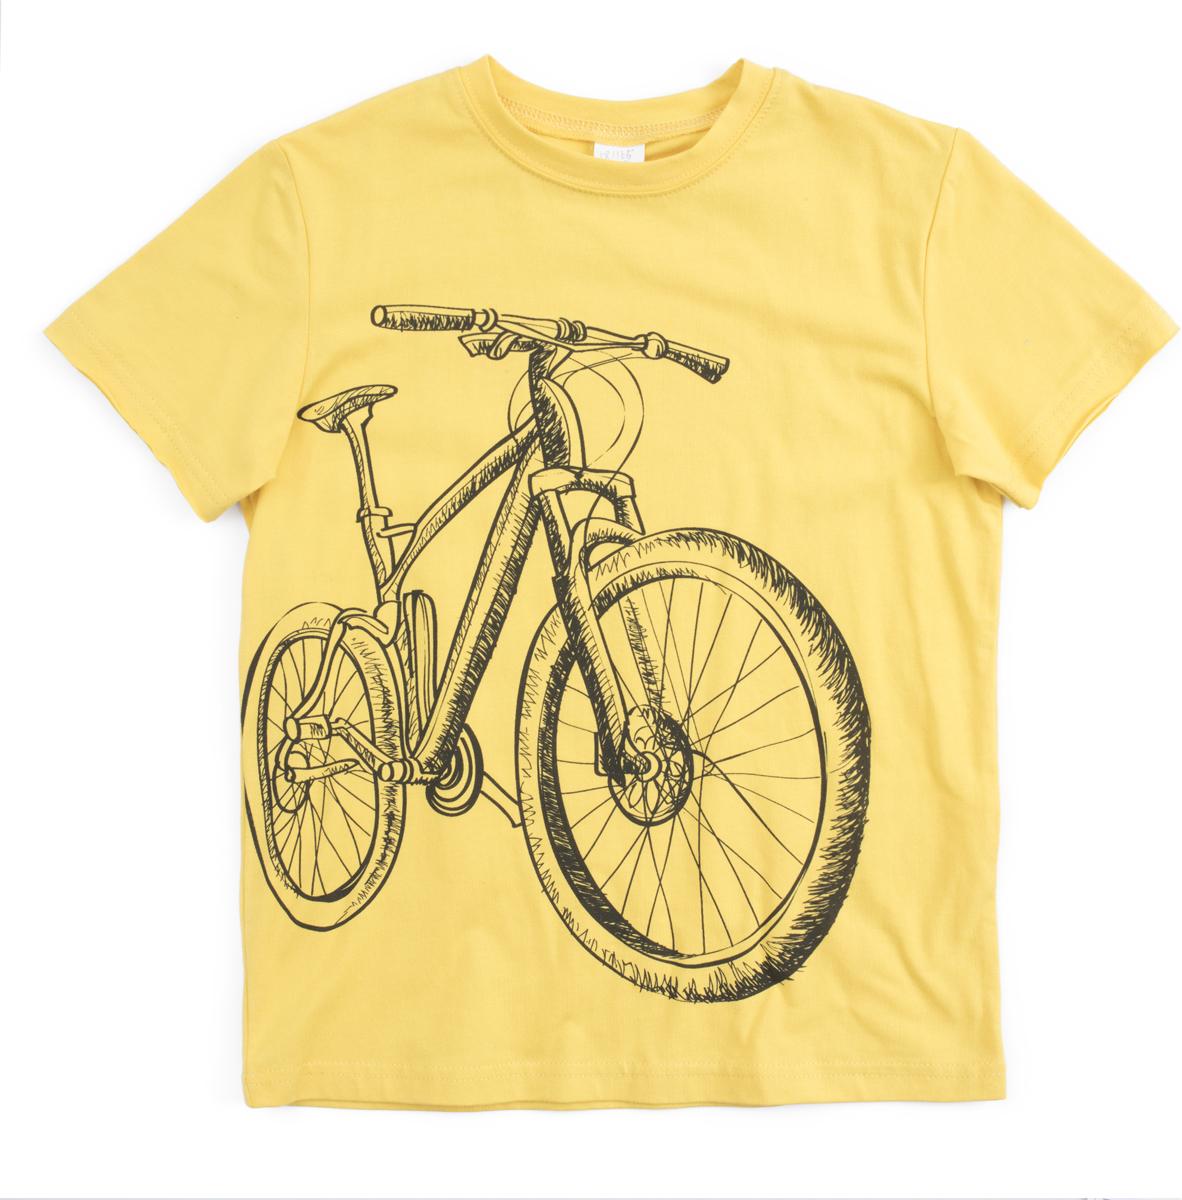 Футболка для мальчика PlayToday, цвет: желтый, темно-серый. 181165. Размер 122181165Футболка PlayToday выполнена из натуральной хлопковой ткани. Горловина оформлена мягкой трикотажной резинкой. В качестве декора использован яркий принт